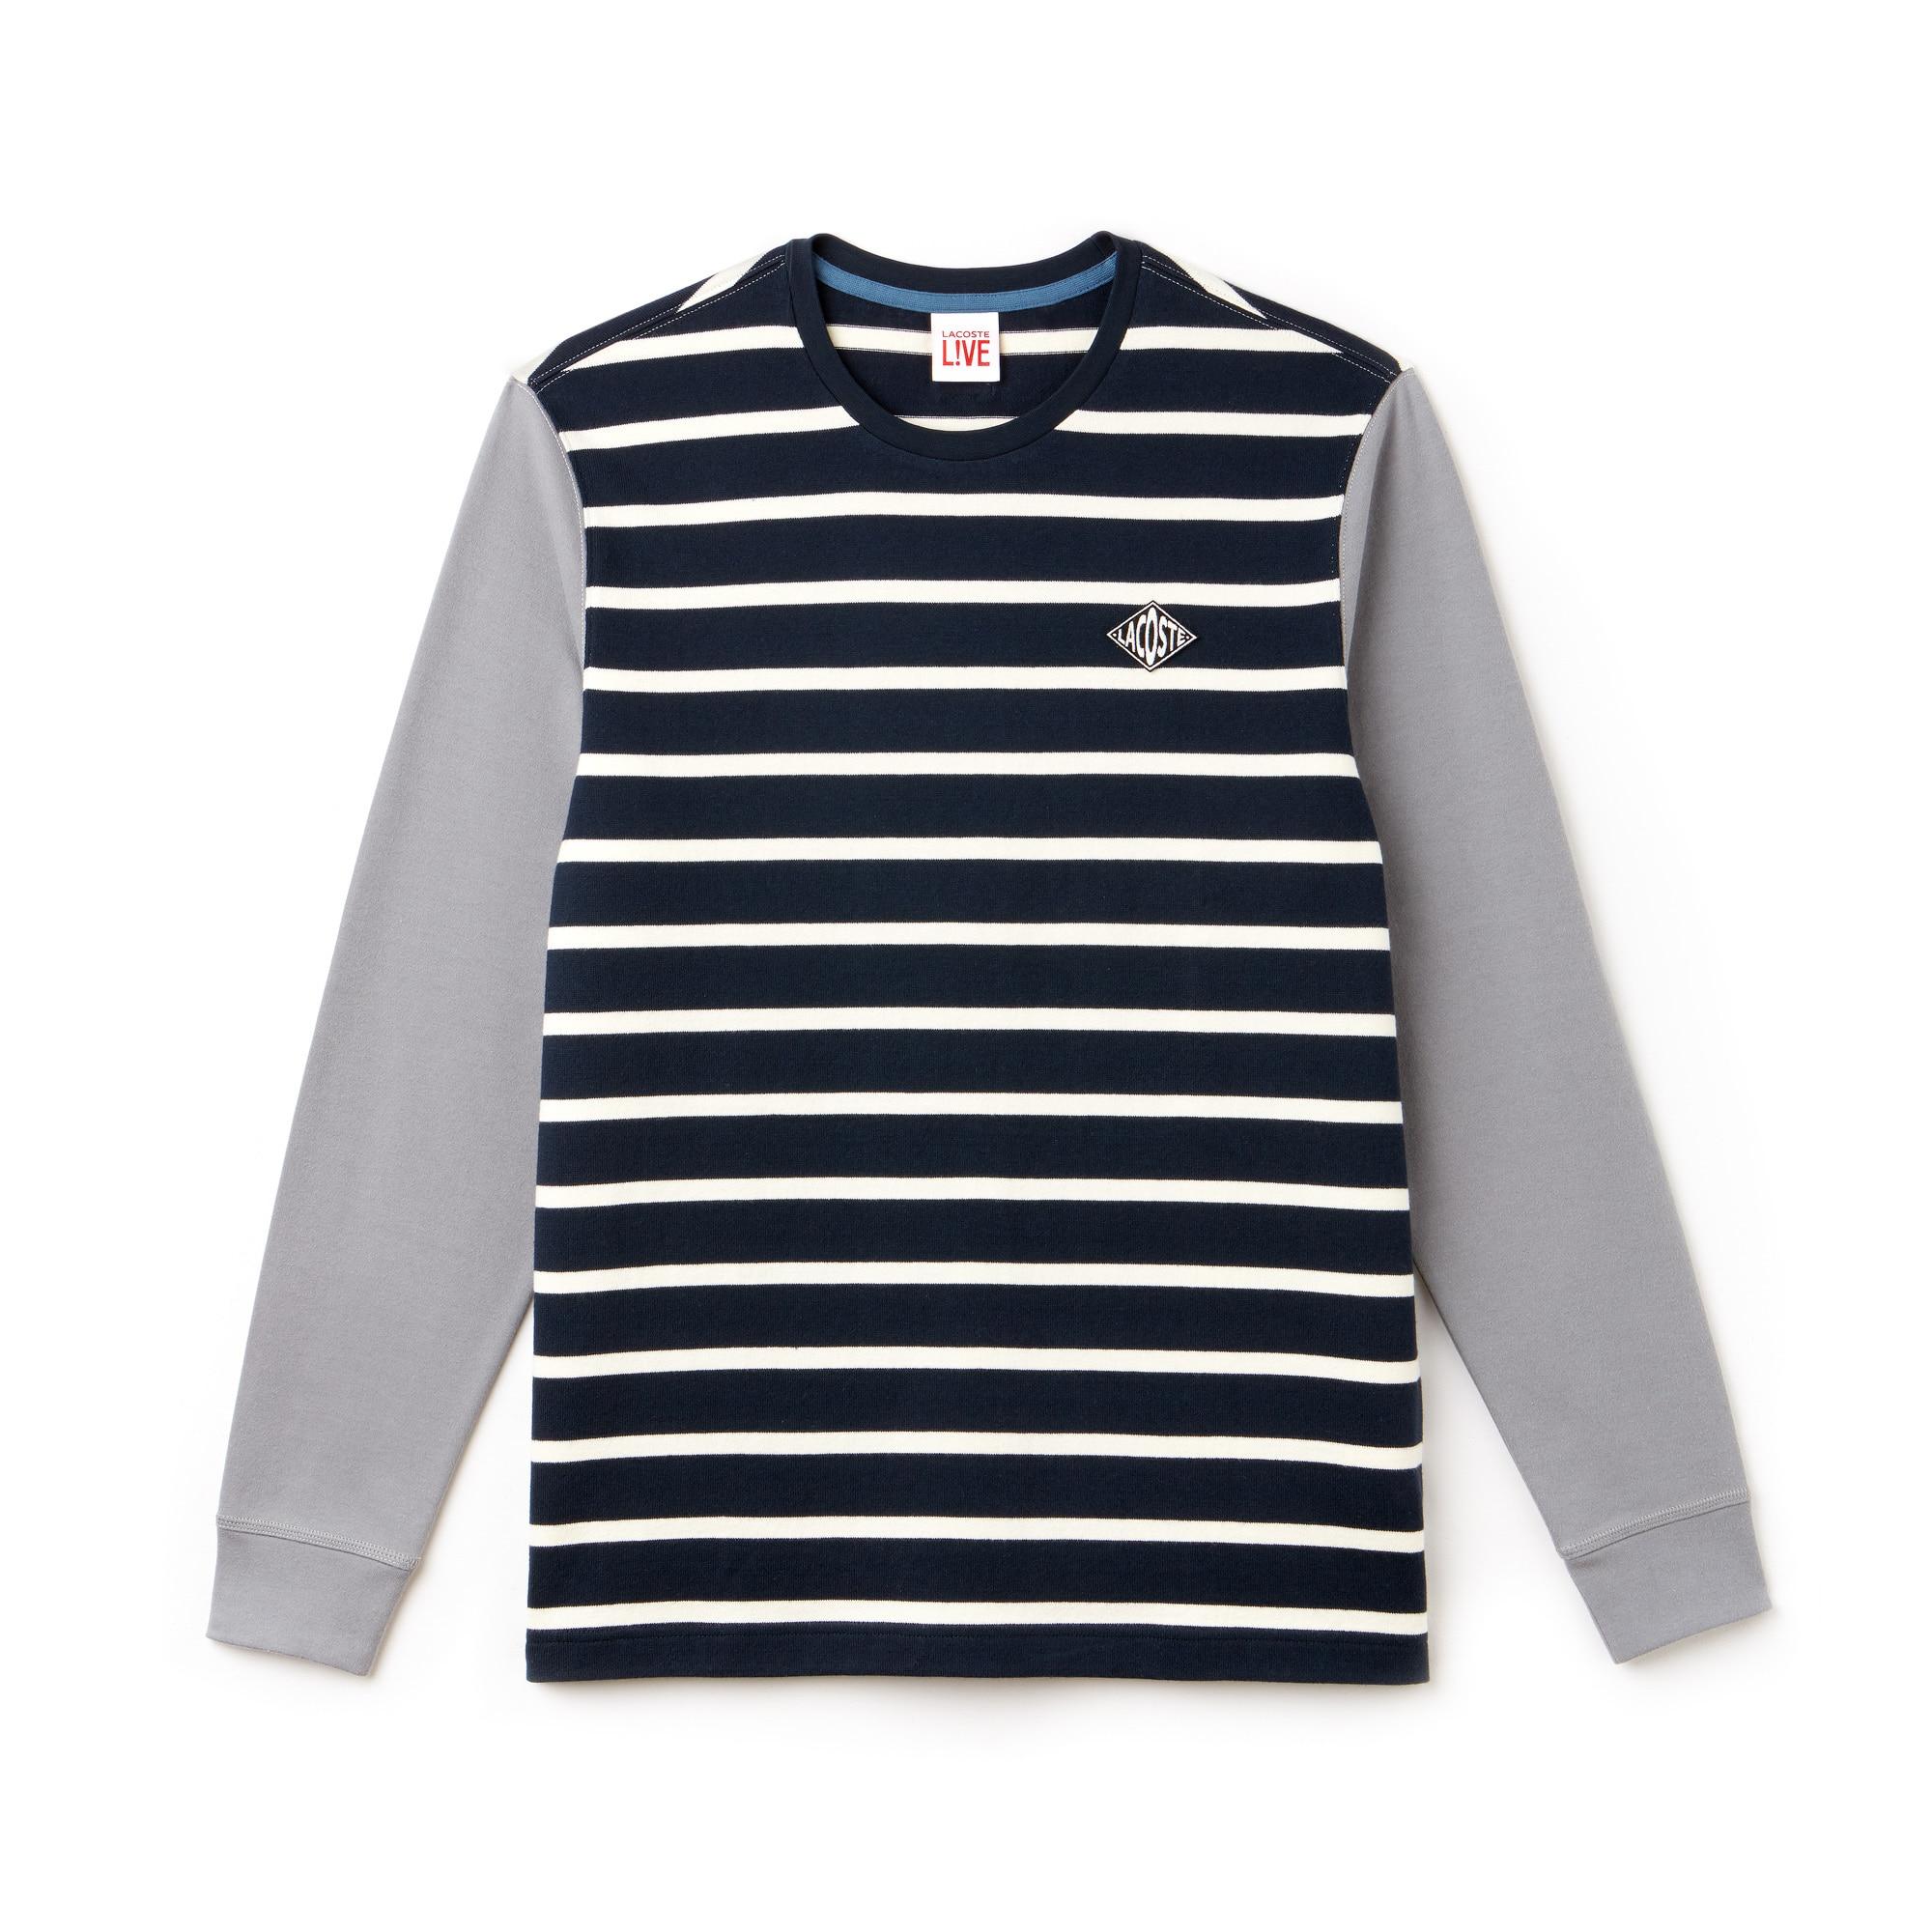 Men's LIVE Striped Cotton T-Shirt